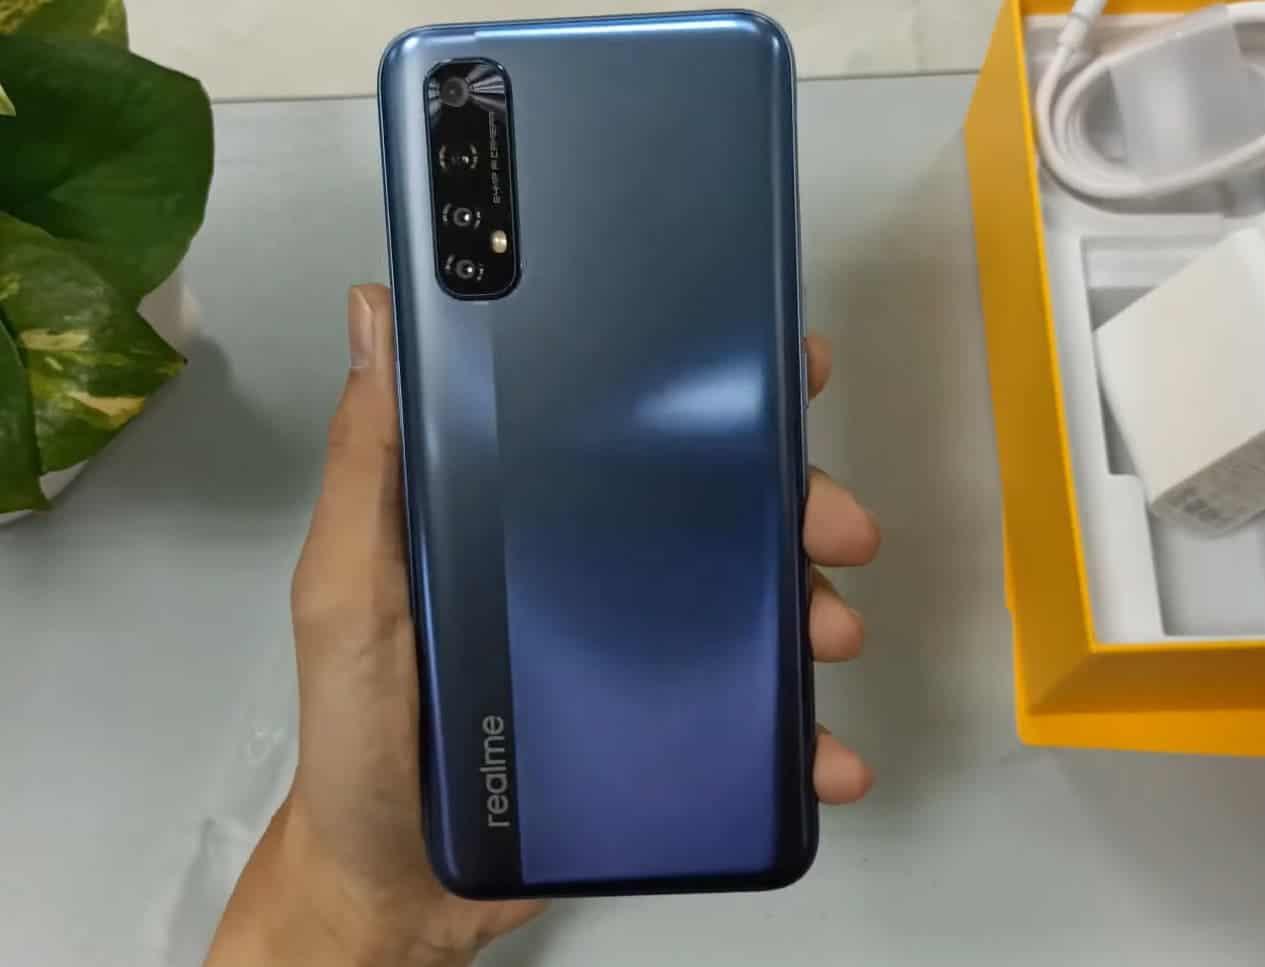 В сеть утекли подробные характеристики и изображения смартфона Realme 7 (egko 6pu0aeljdo)